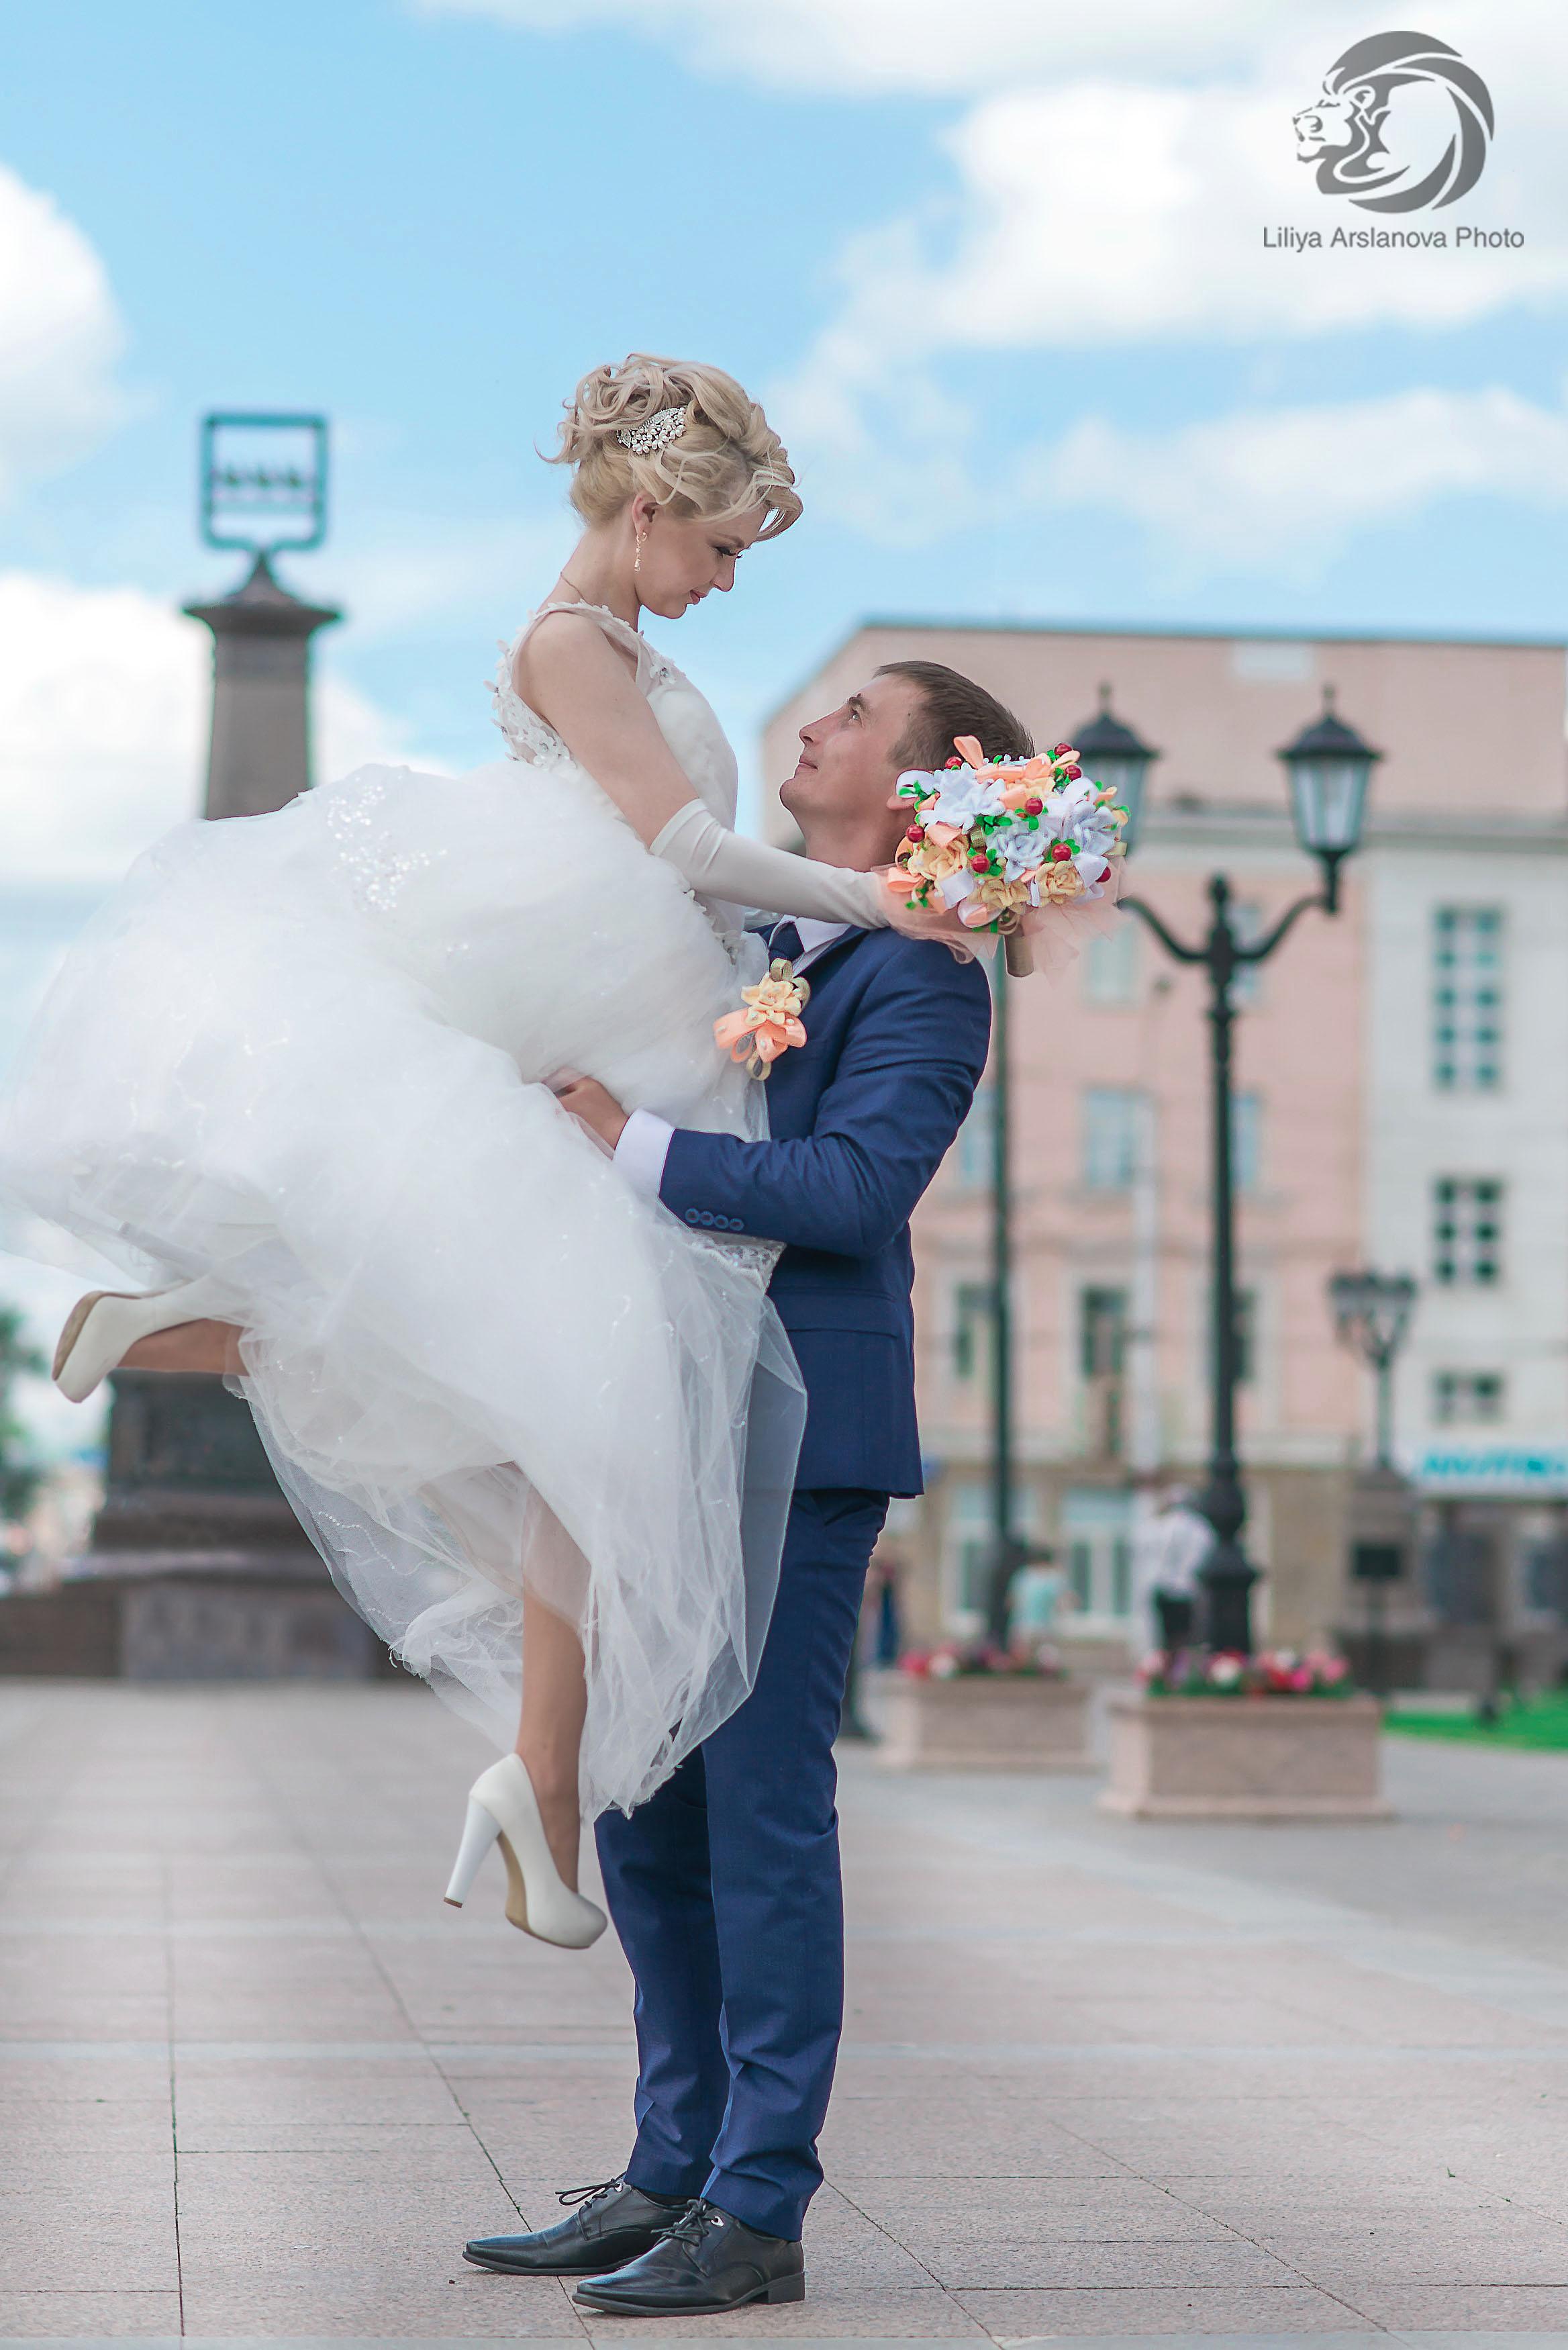 Всю жизнь на руках! Свадебный фотограф Стерлитамак , свадебный фотограф Красноусольск, фотограф на свадьбу стерлитамак недорого, фотограф свадебный цена стерлитамак санаторий красноусольск